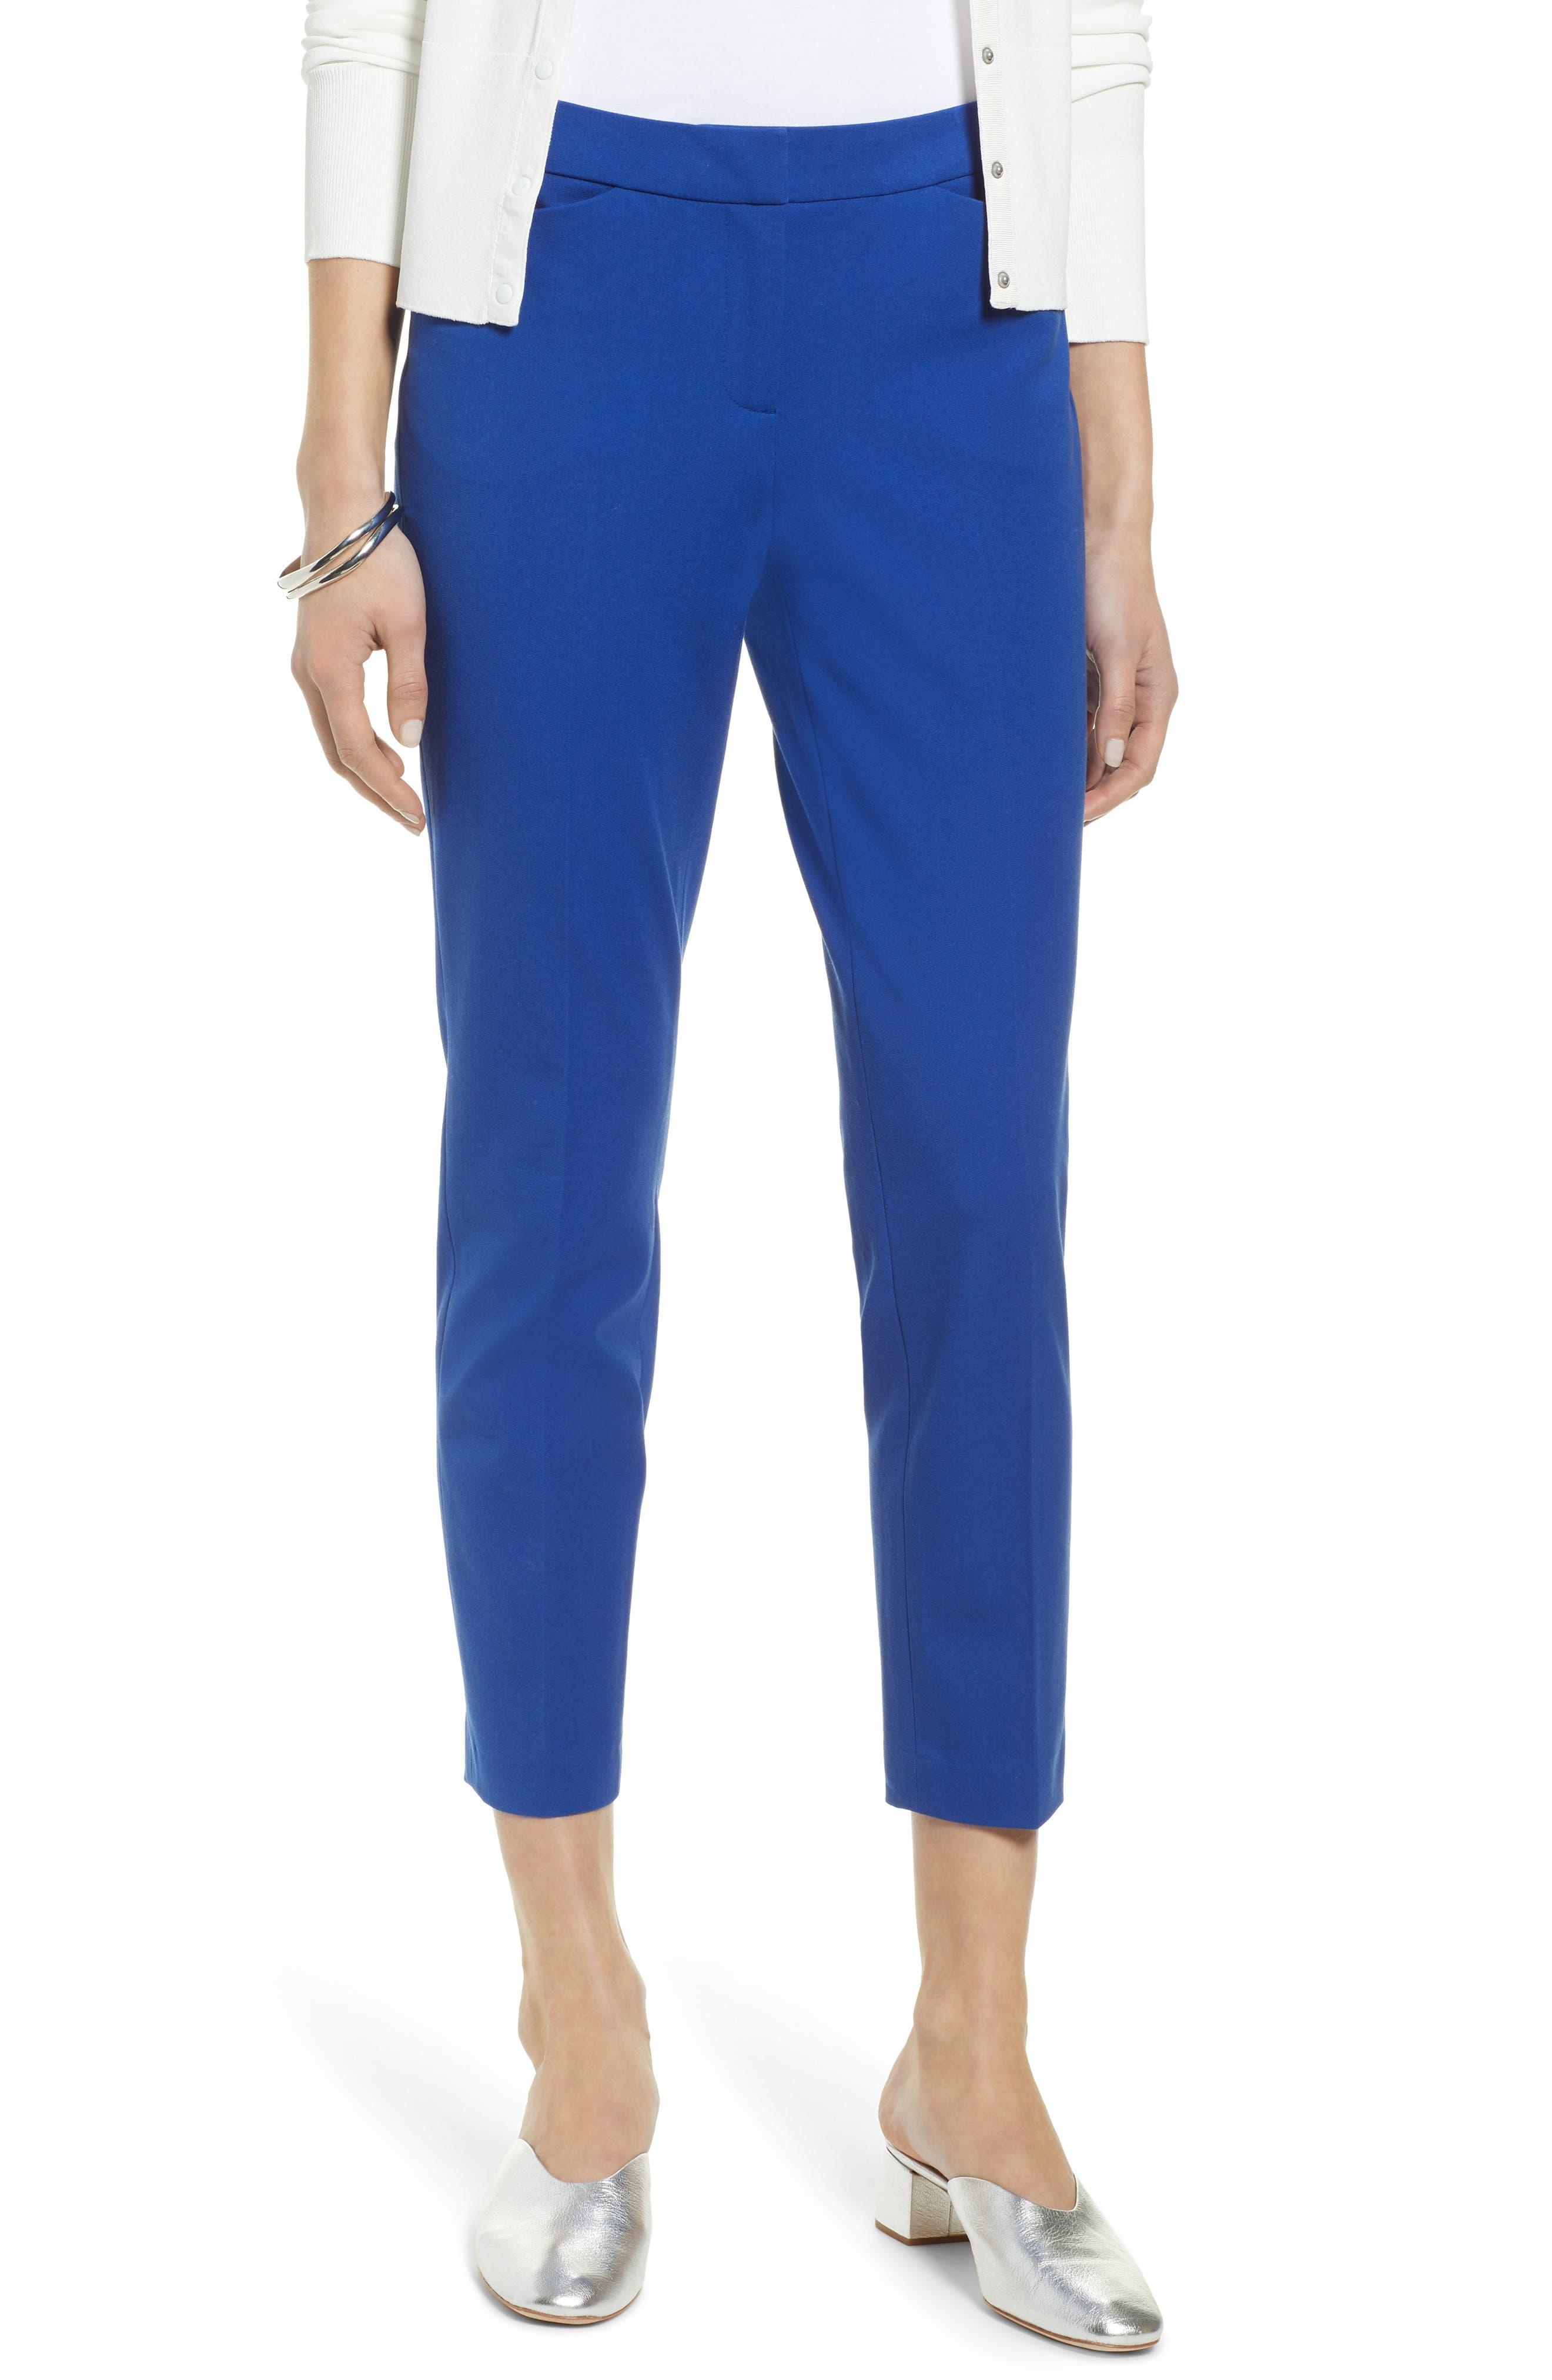 HalogenR Petite Women's Halogen Ankle Pants,  16P - Blue